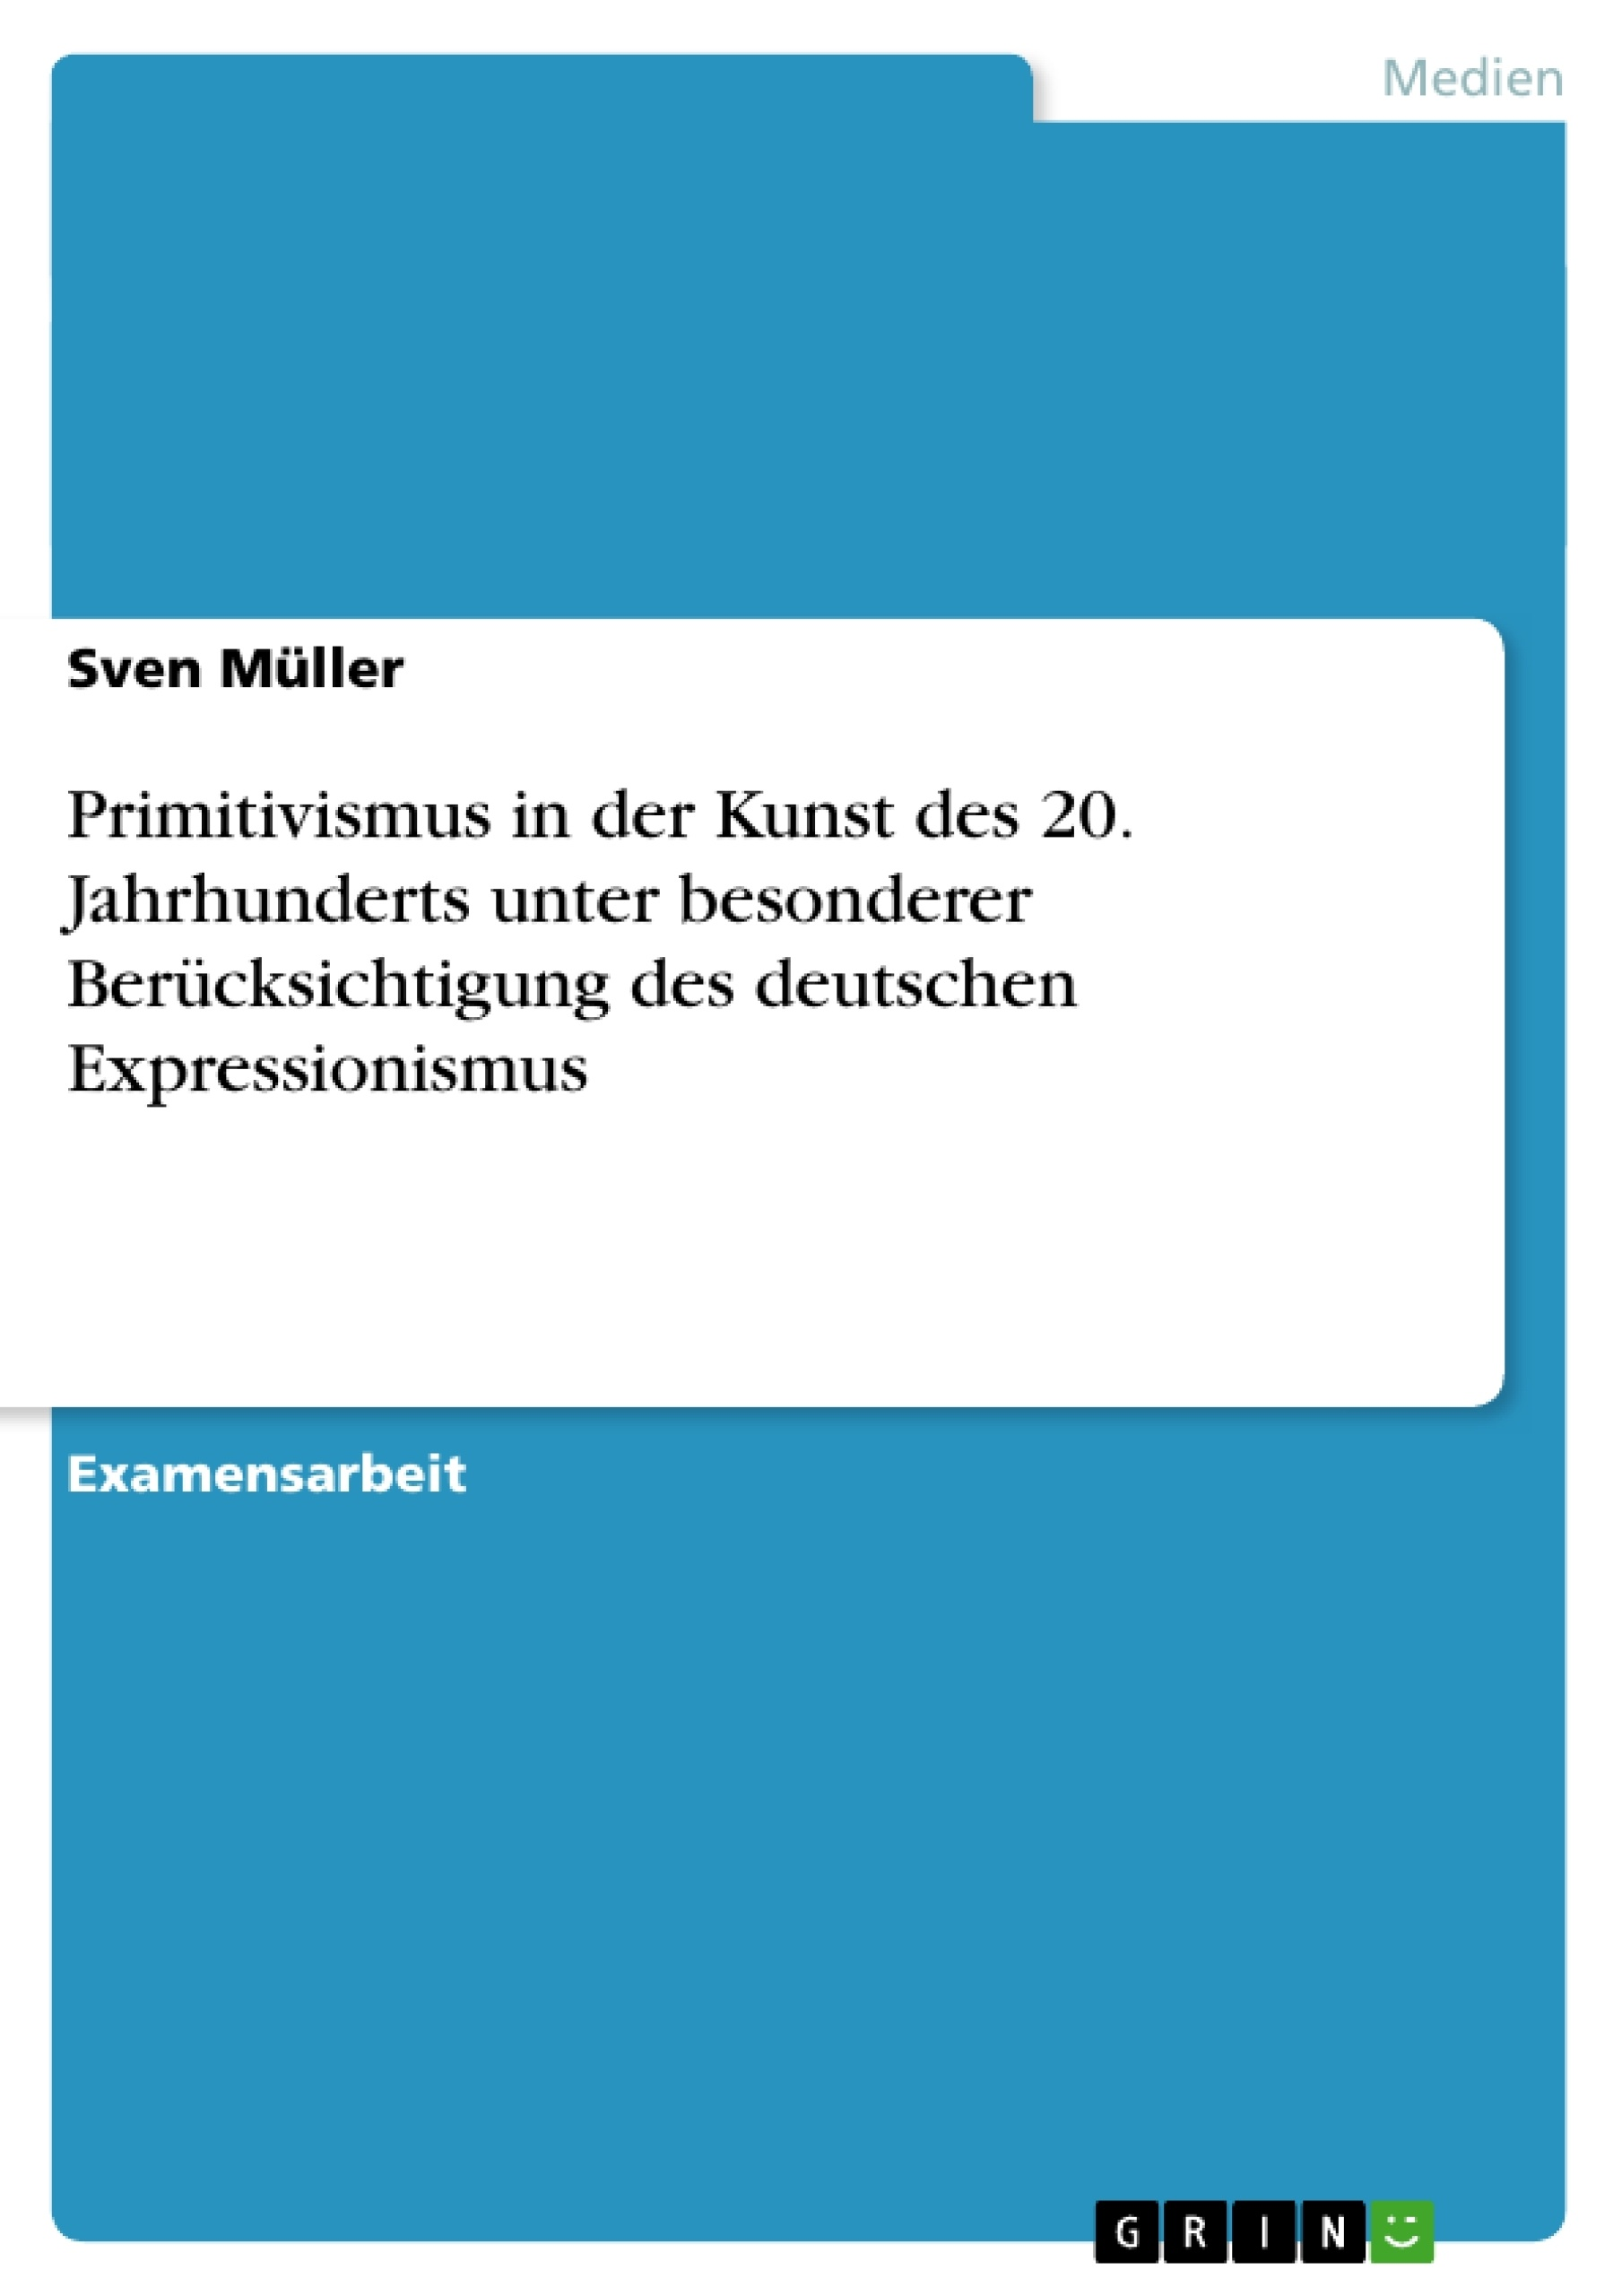 Primitivismus In Der Kunst Des 20. Jahrhunderts Unter Besonderer ... |  Masterarbeit, Hausarbeit, Bachelorarbeit Veröffentlichen